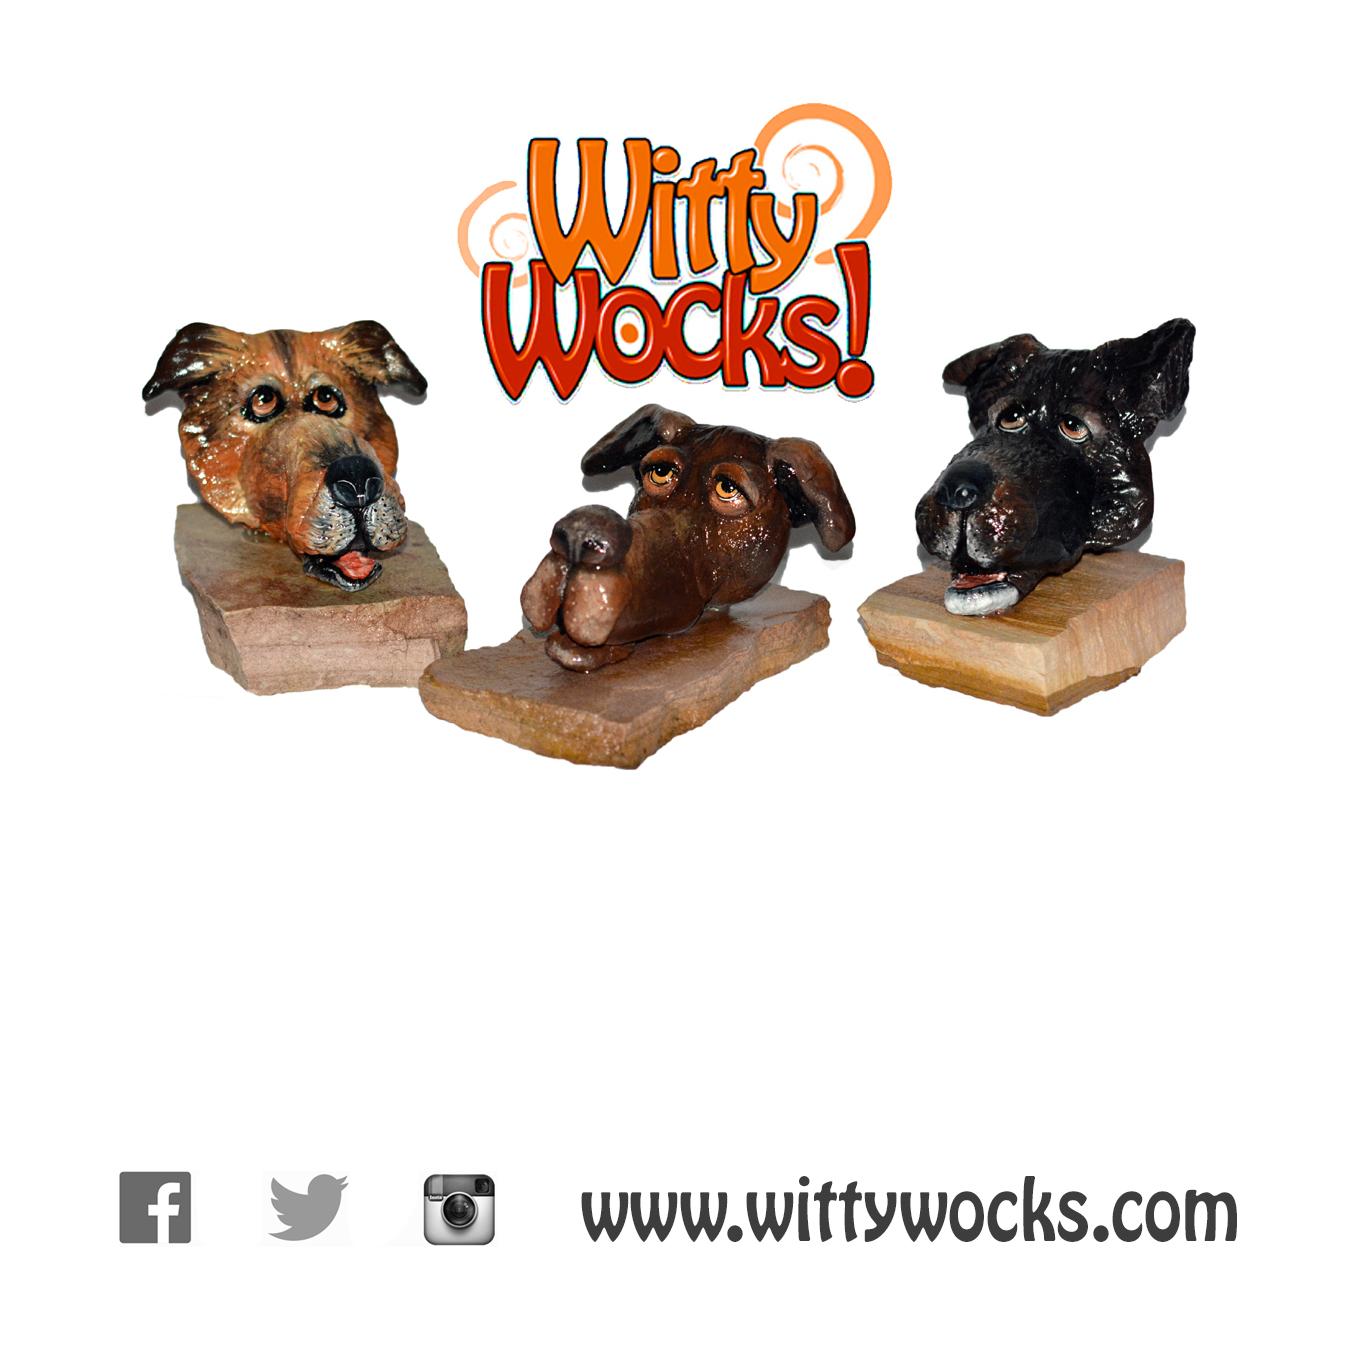 Witty Wocks